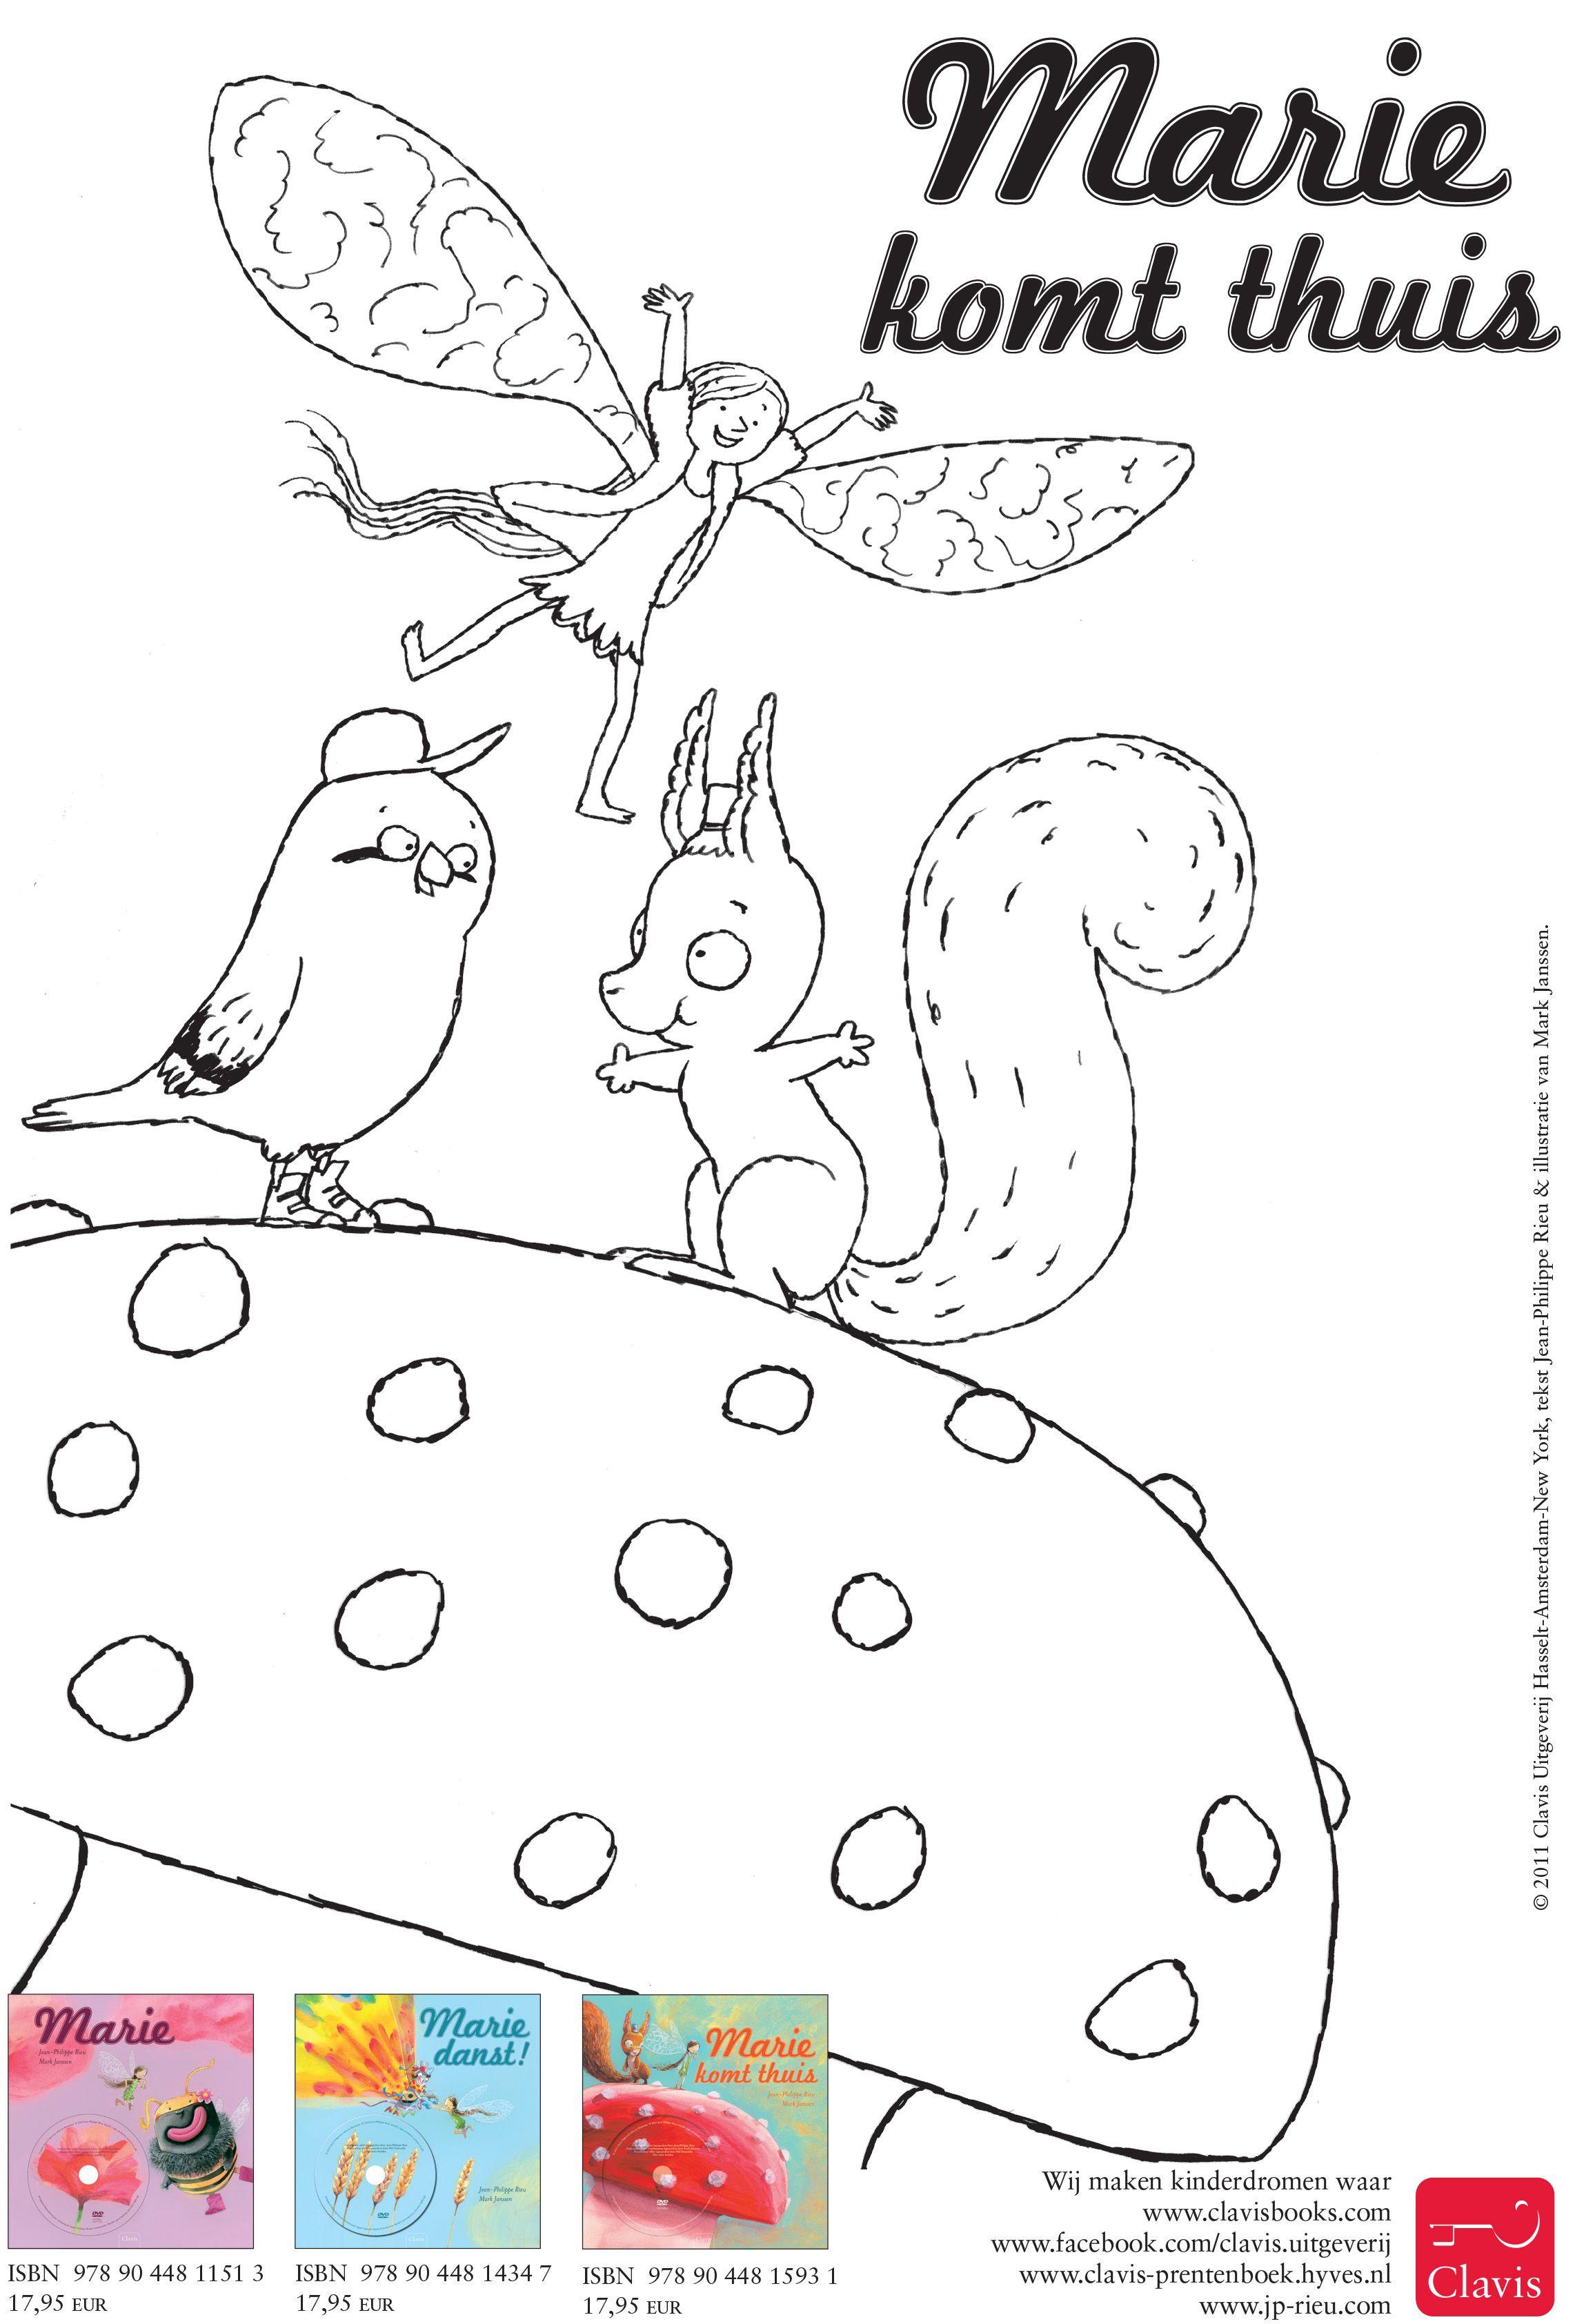 De Rode Klaproos Van Elfje Marie Staat Wiebelend In De Stralende Frisse Herfstzon Marie En Haar Vriendjes Zijn Gezellig Druk Kleurplaten Illustratie Schattig